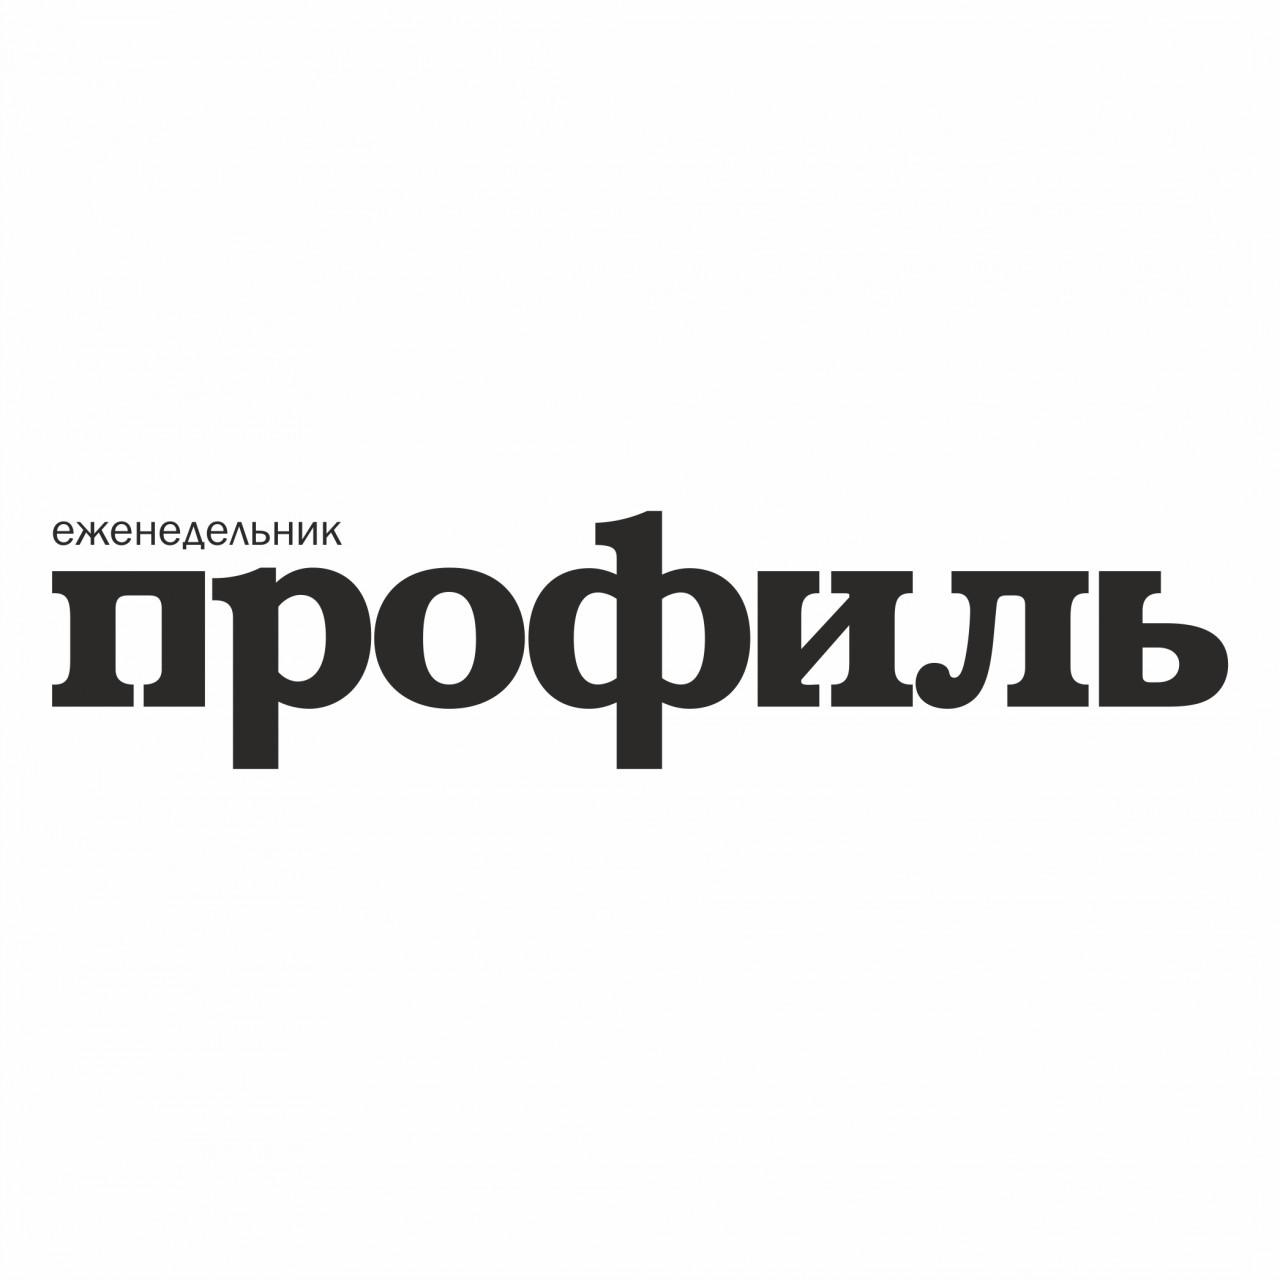 Песков ответил на критику в адрес Трампа после его звонка Путину